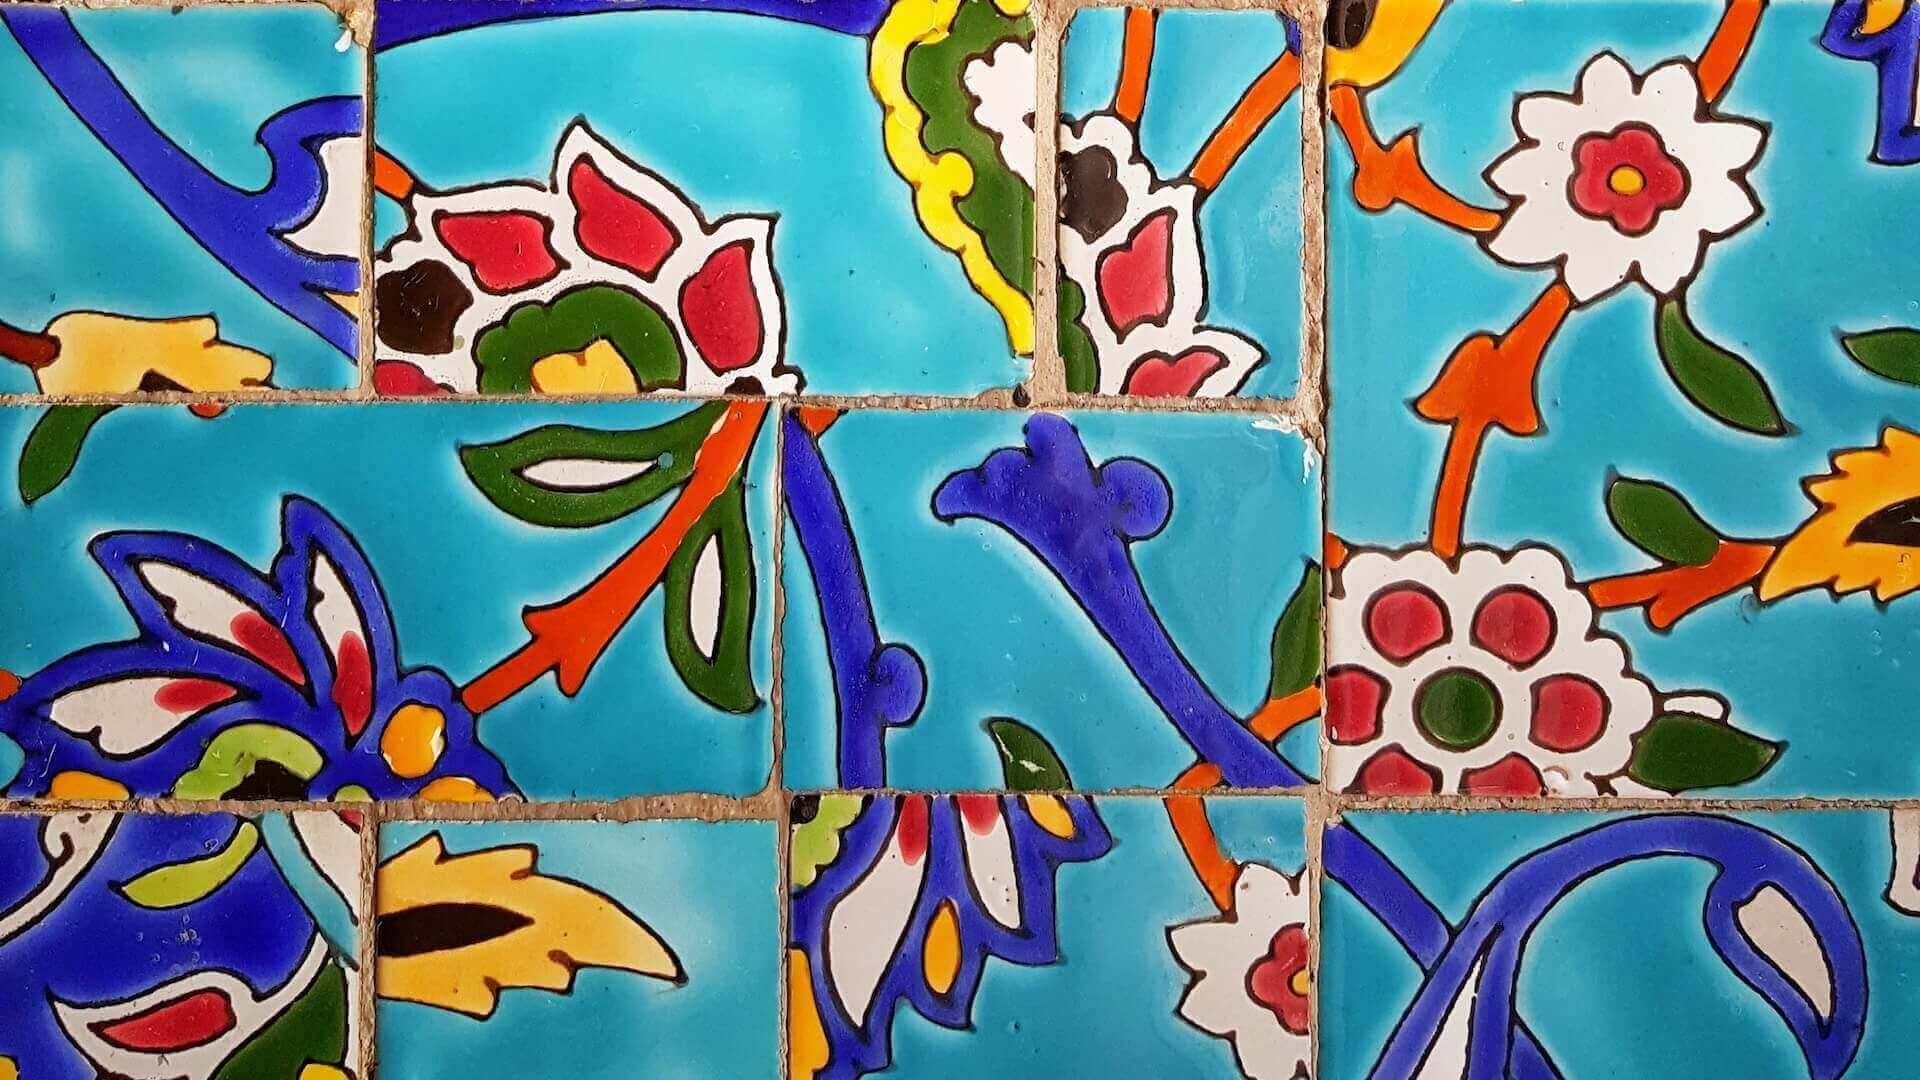 Kleurrijke tegeltjes in het Mehr-o-Mah Tourist Complex bij Qom in Iran